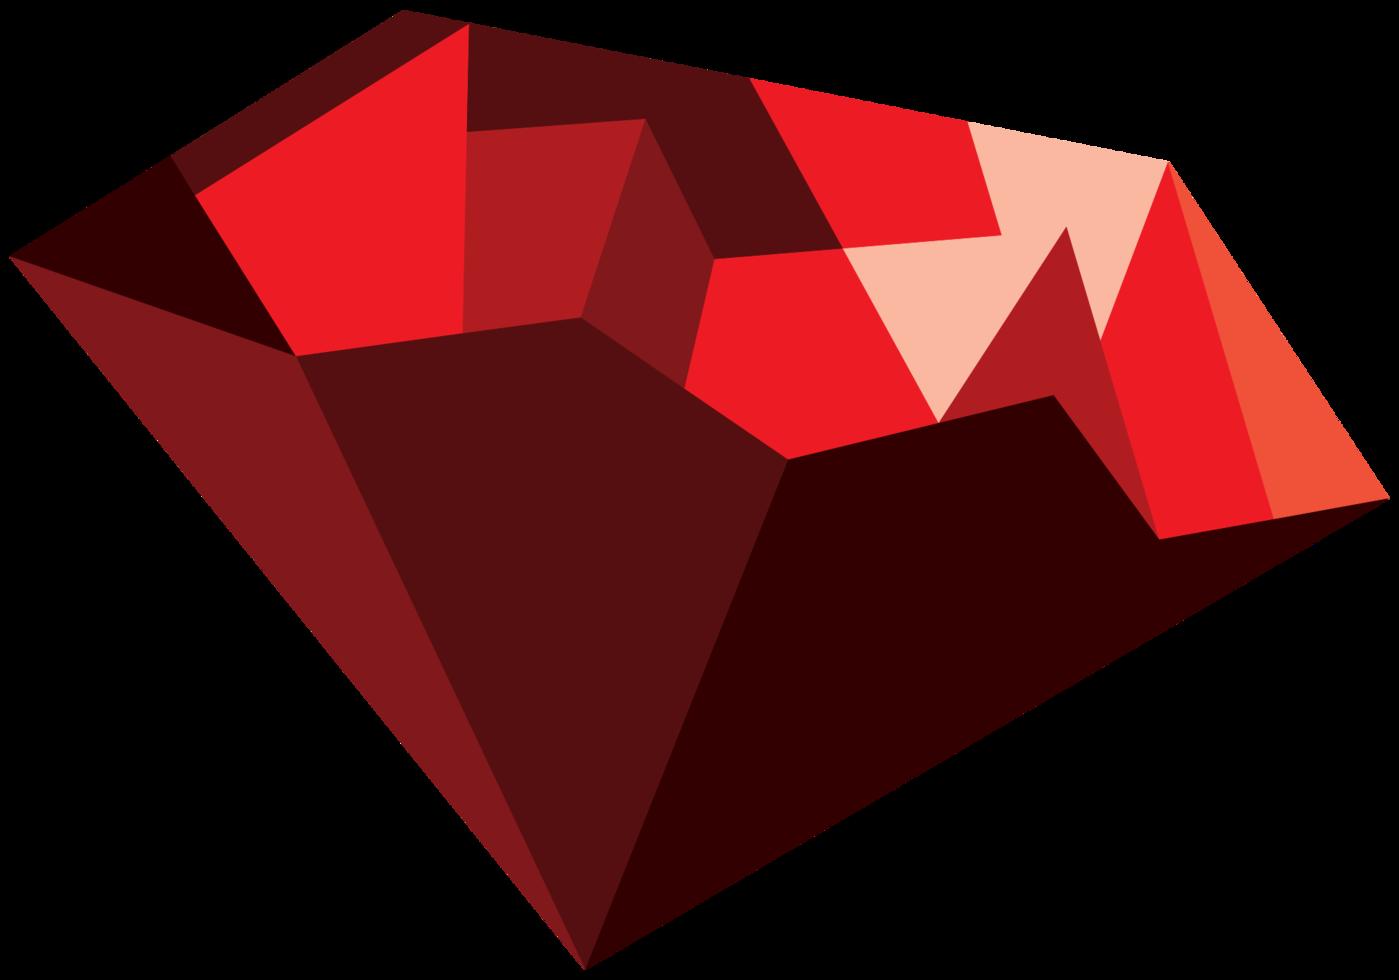 strass de diamantes png